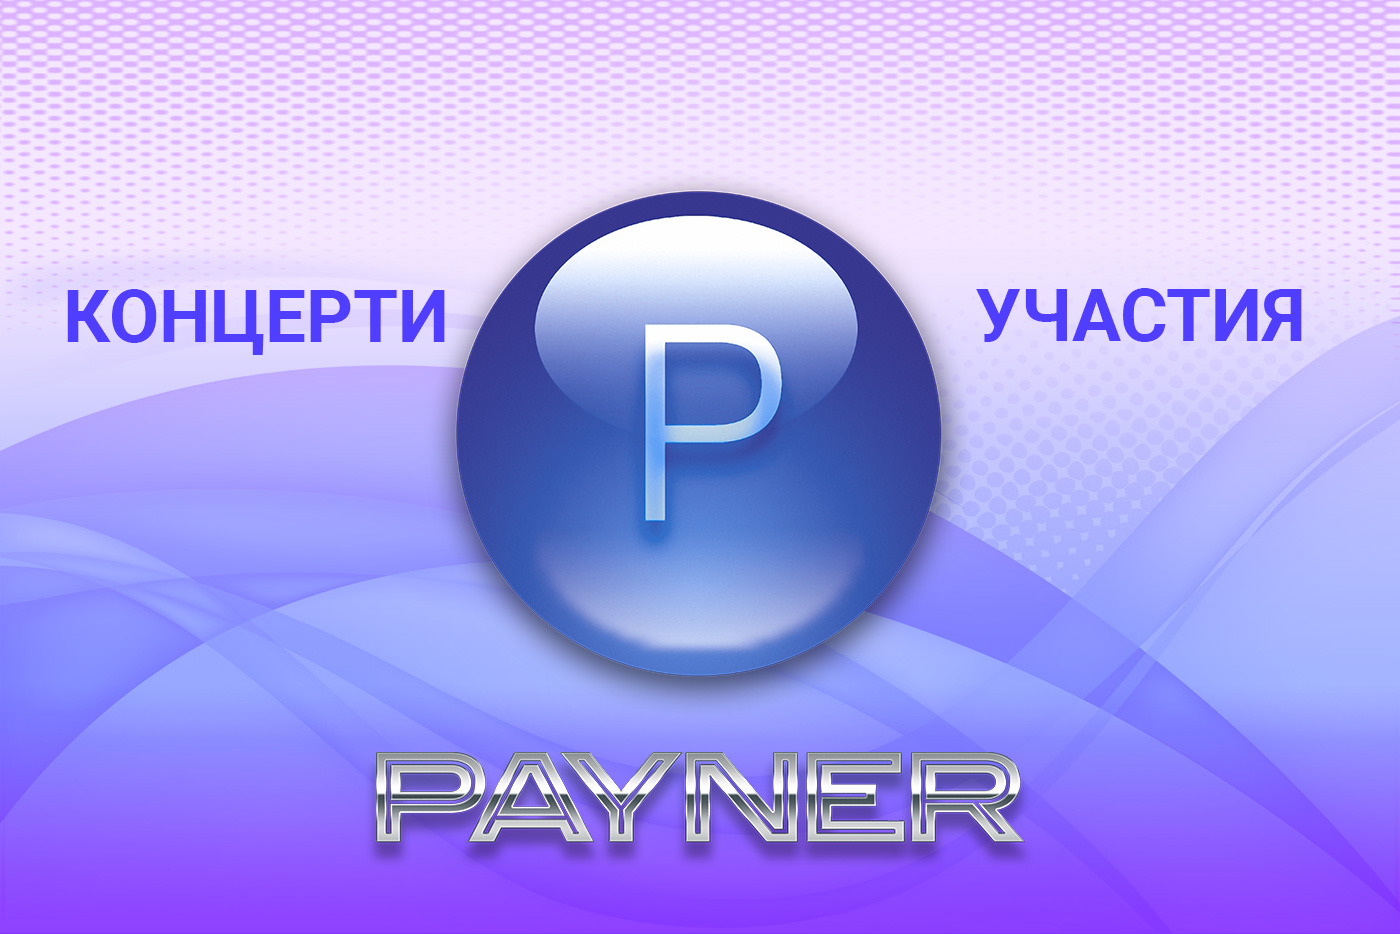 """Участия на звездите на """"Пайнер"""" на 05.12.2018"""